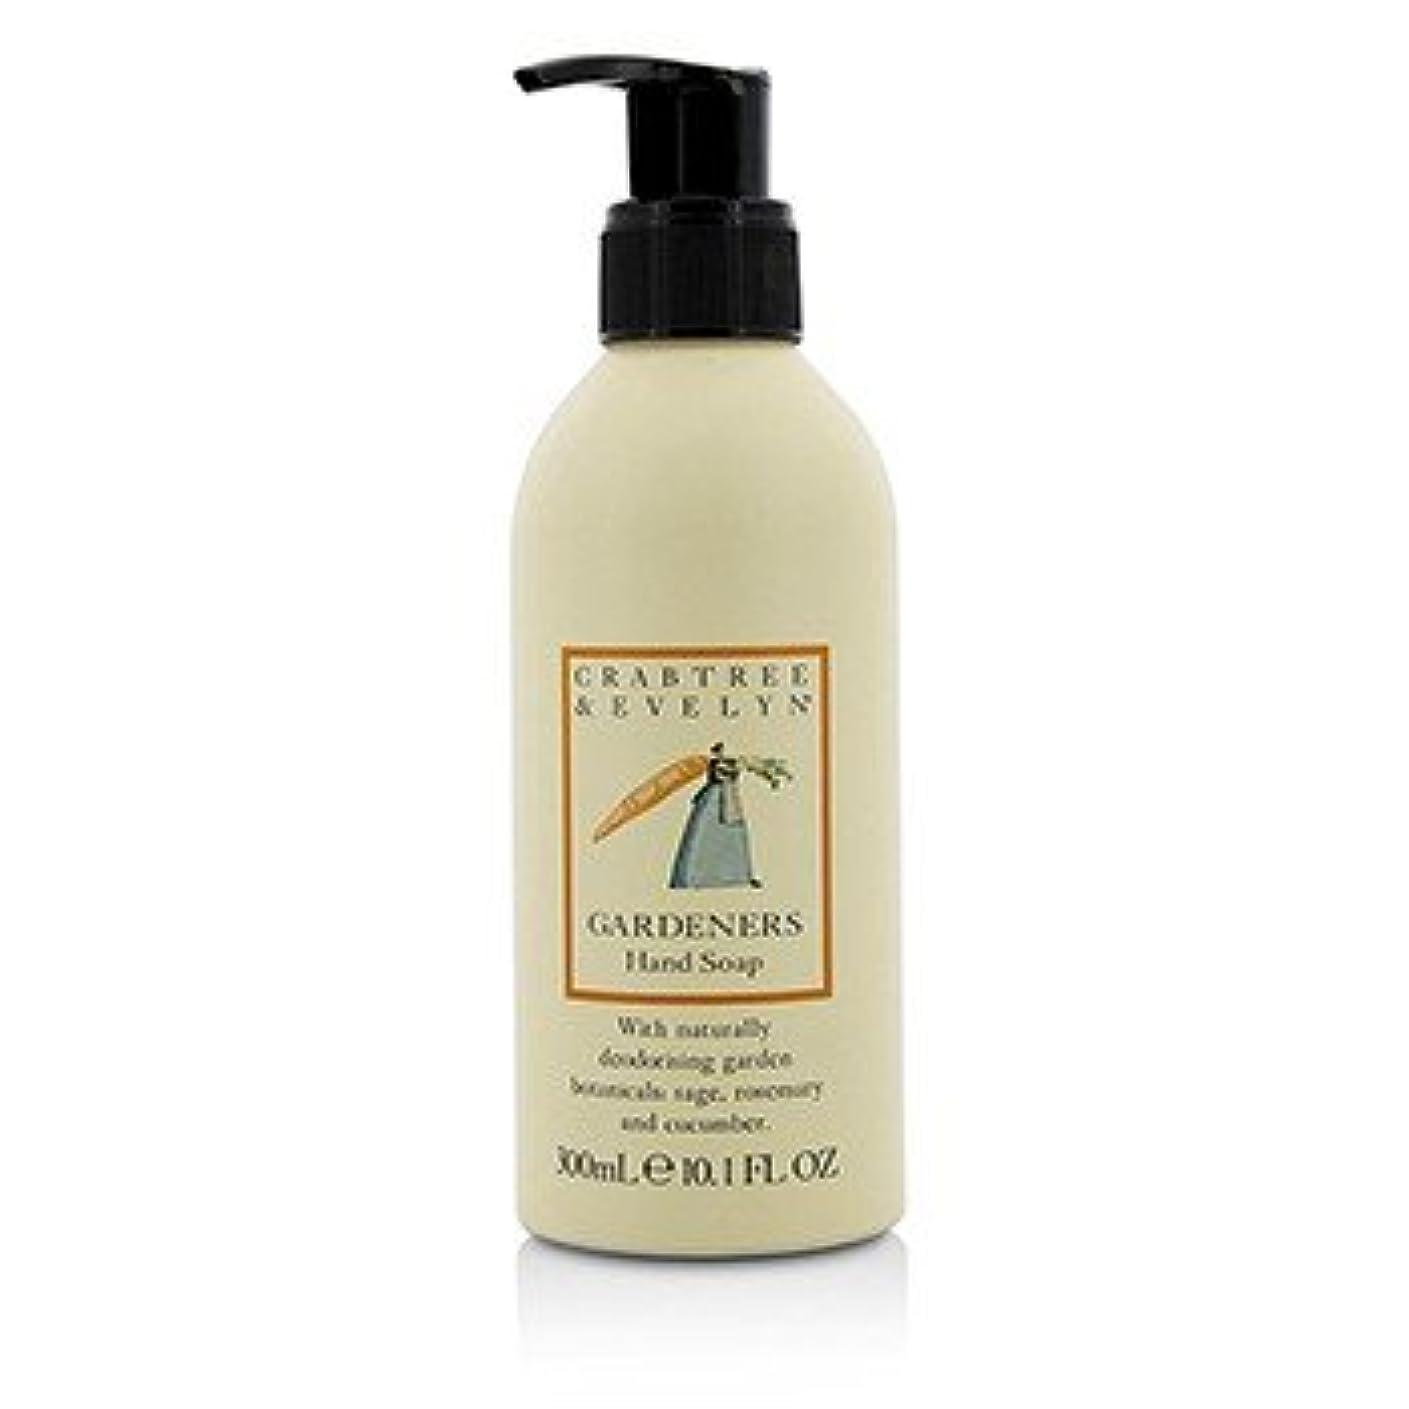 ハンディ宿る出します[Crabtree & Evelyn] Gardeners Hand Soap 300ml/10.1oz